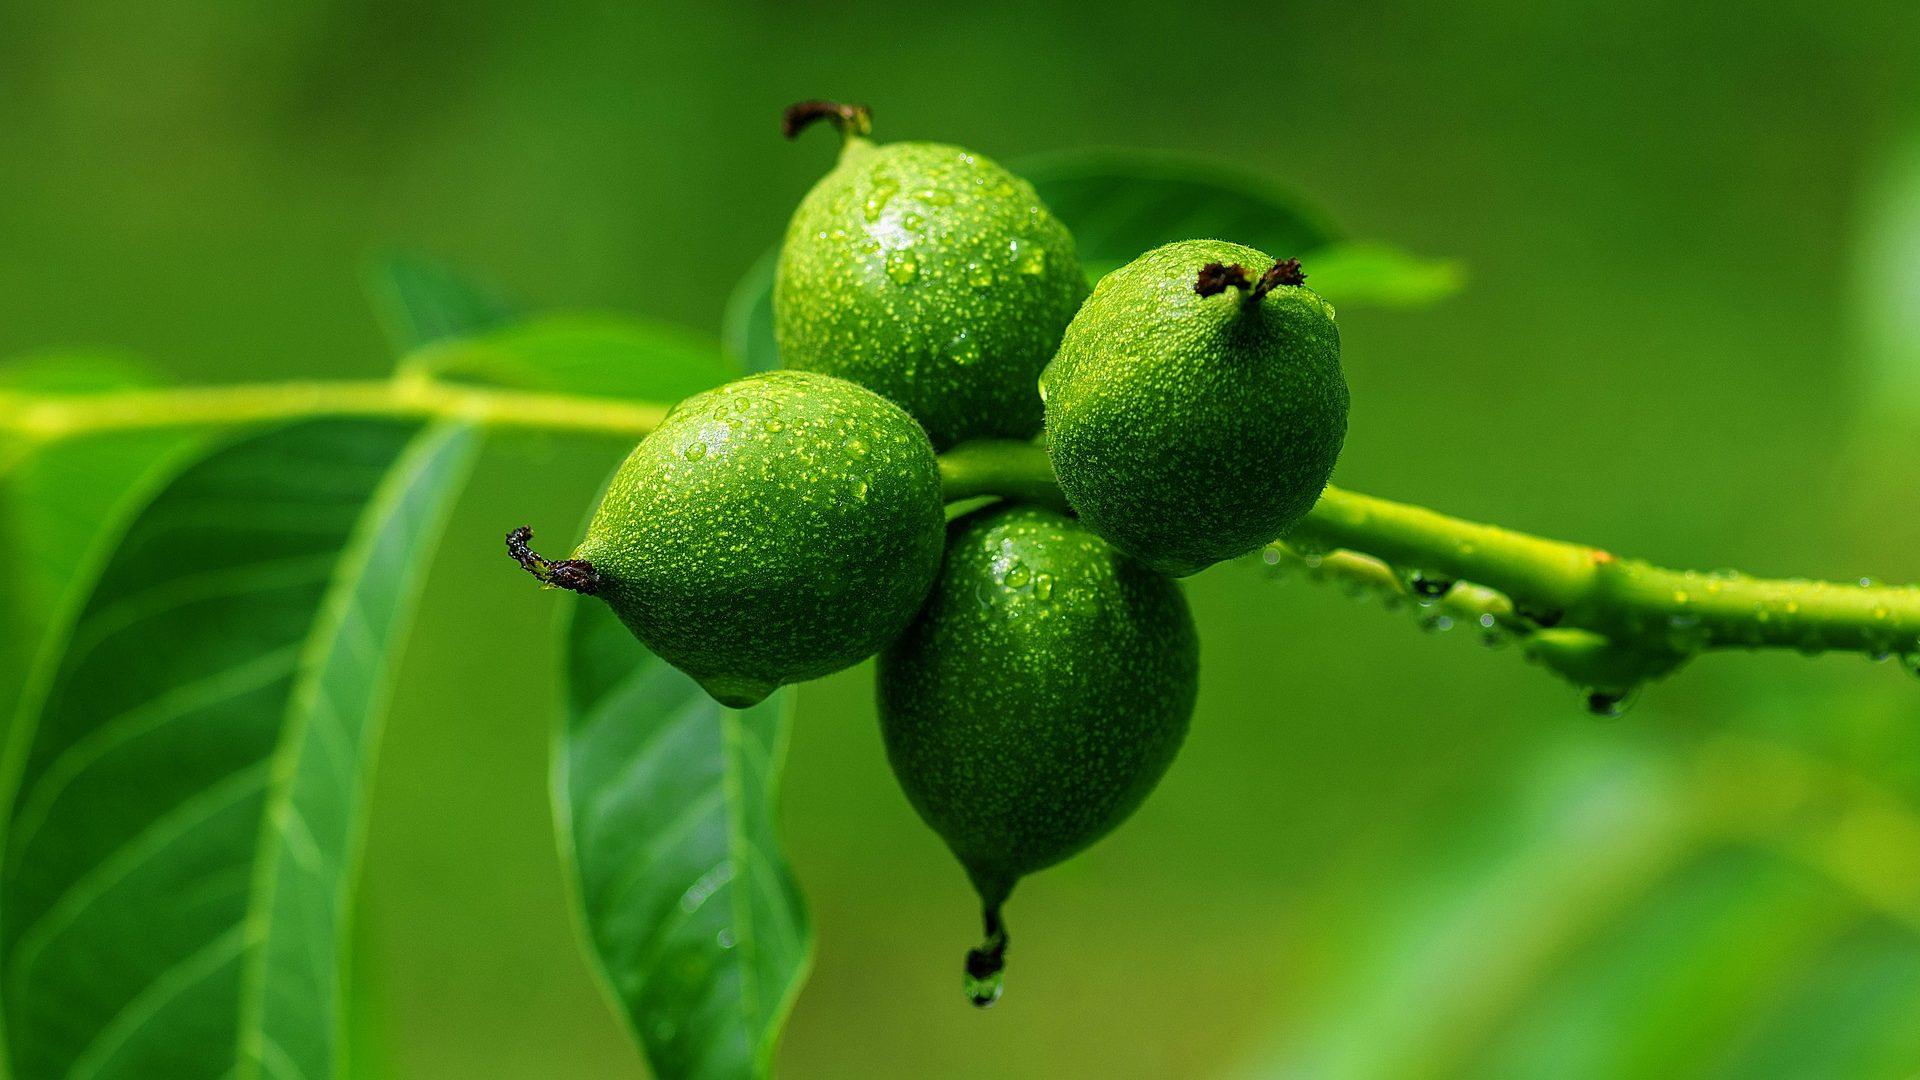 walnut-3471244_1920